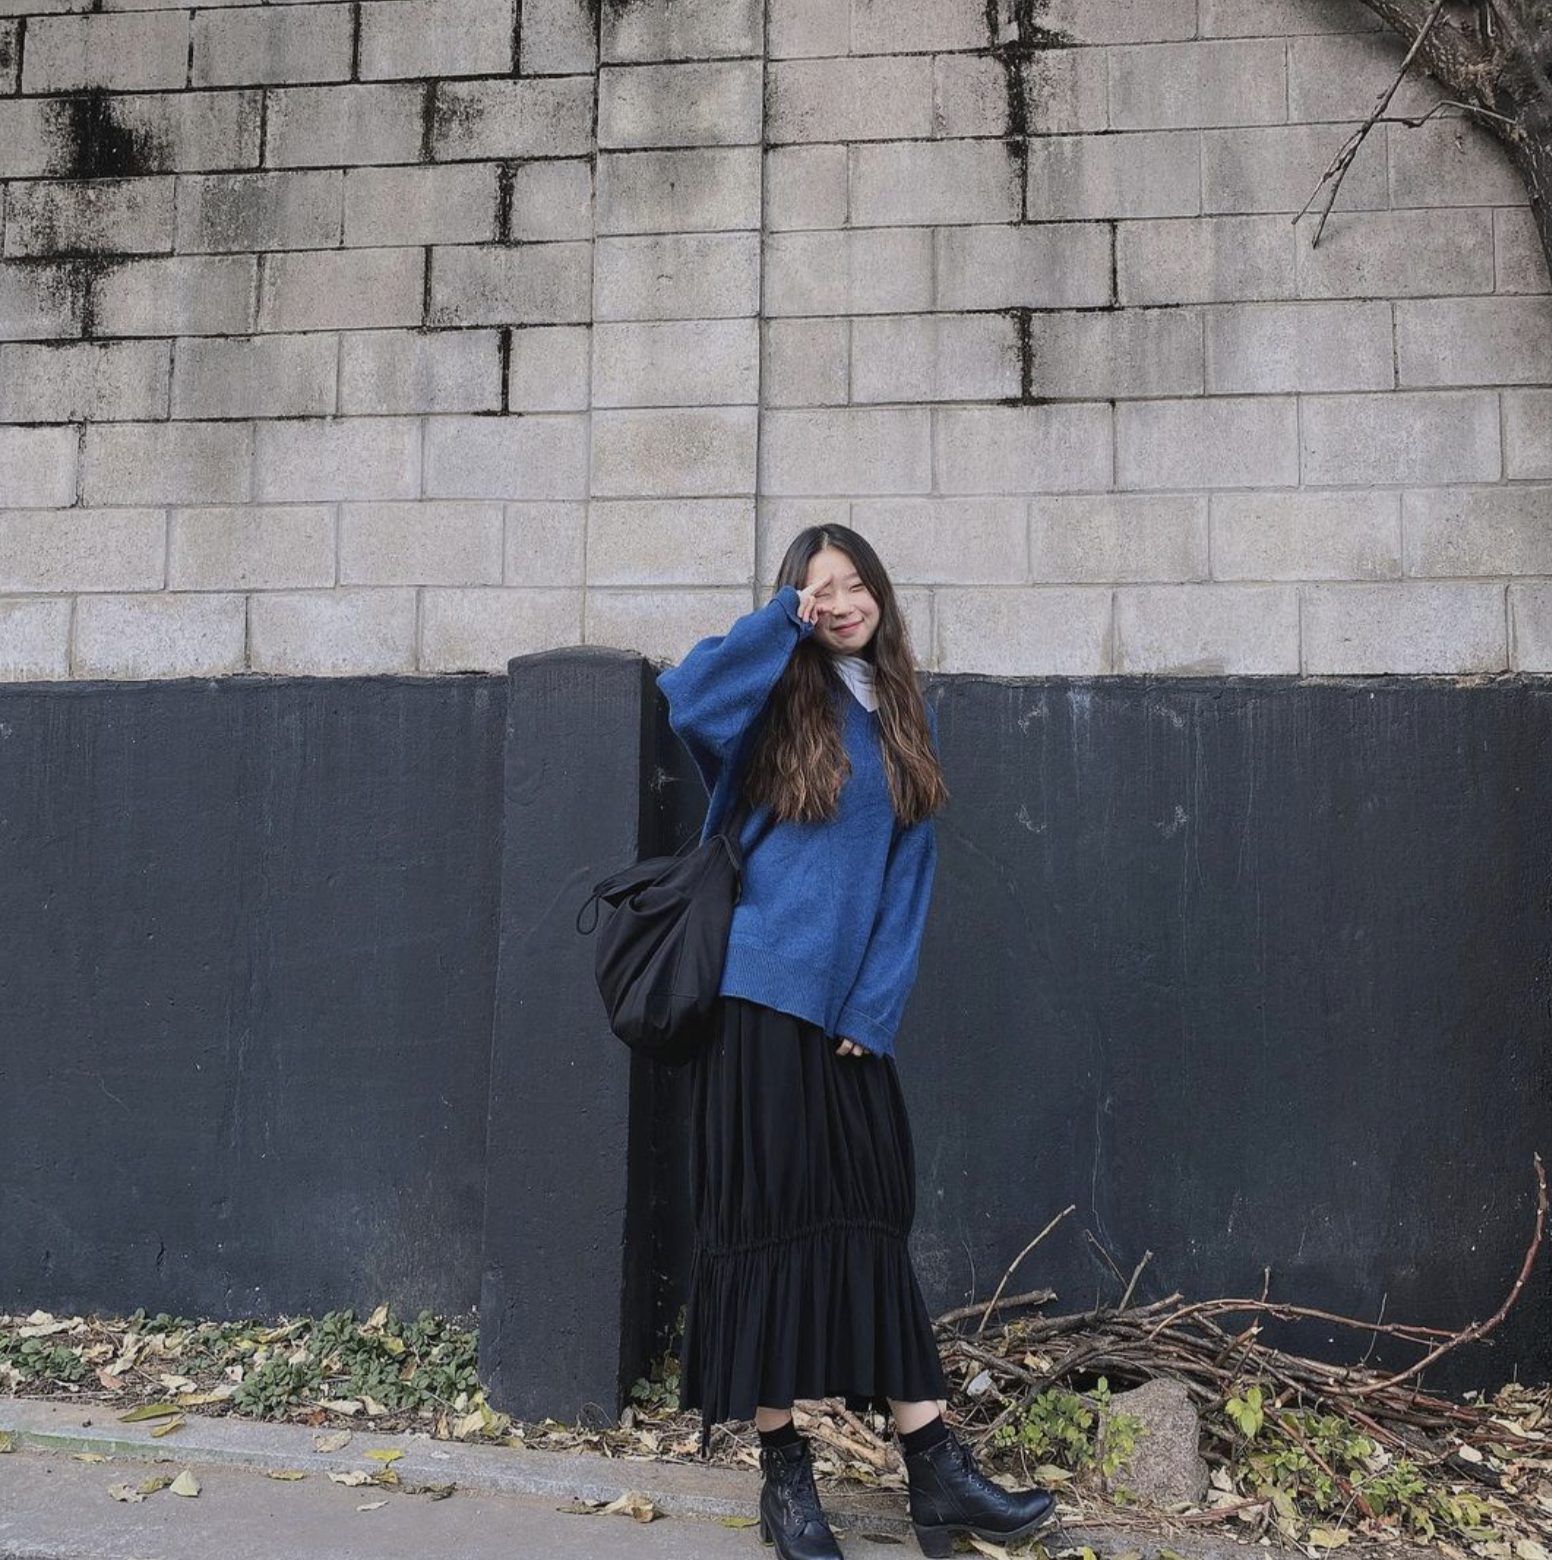 Mix & Phối - 6 cách phối áo len cho mùa Đông không lạnh, có những món đồ còn được tận dụng từ mùa Hè nữa đấy! - chanvaydep.net 9